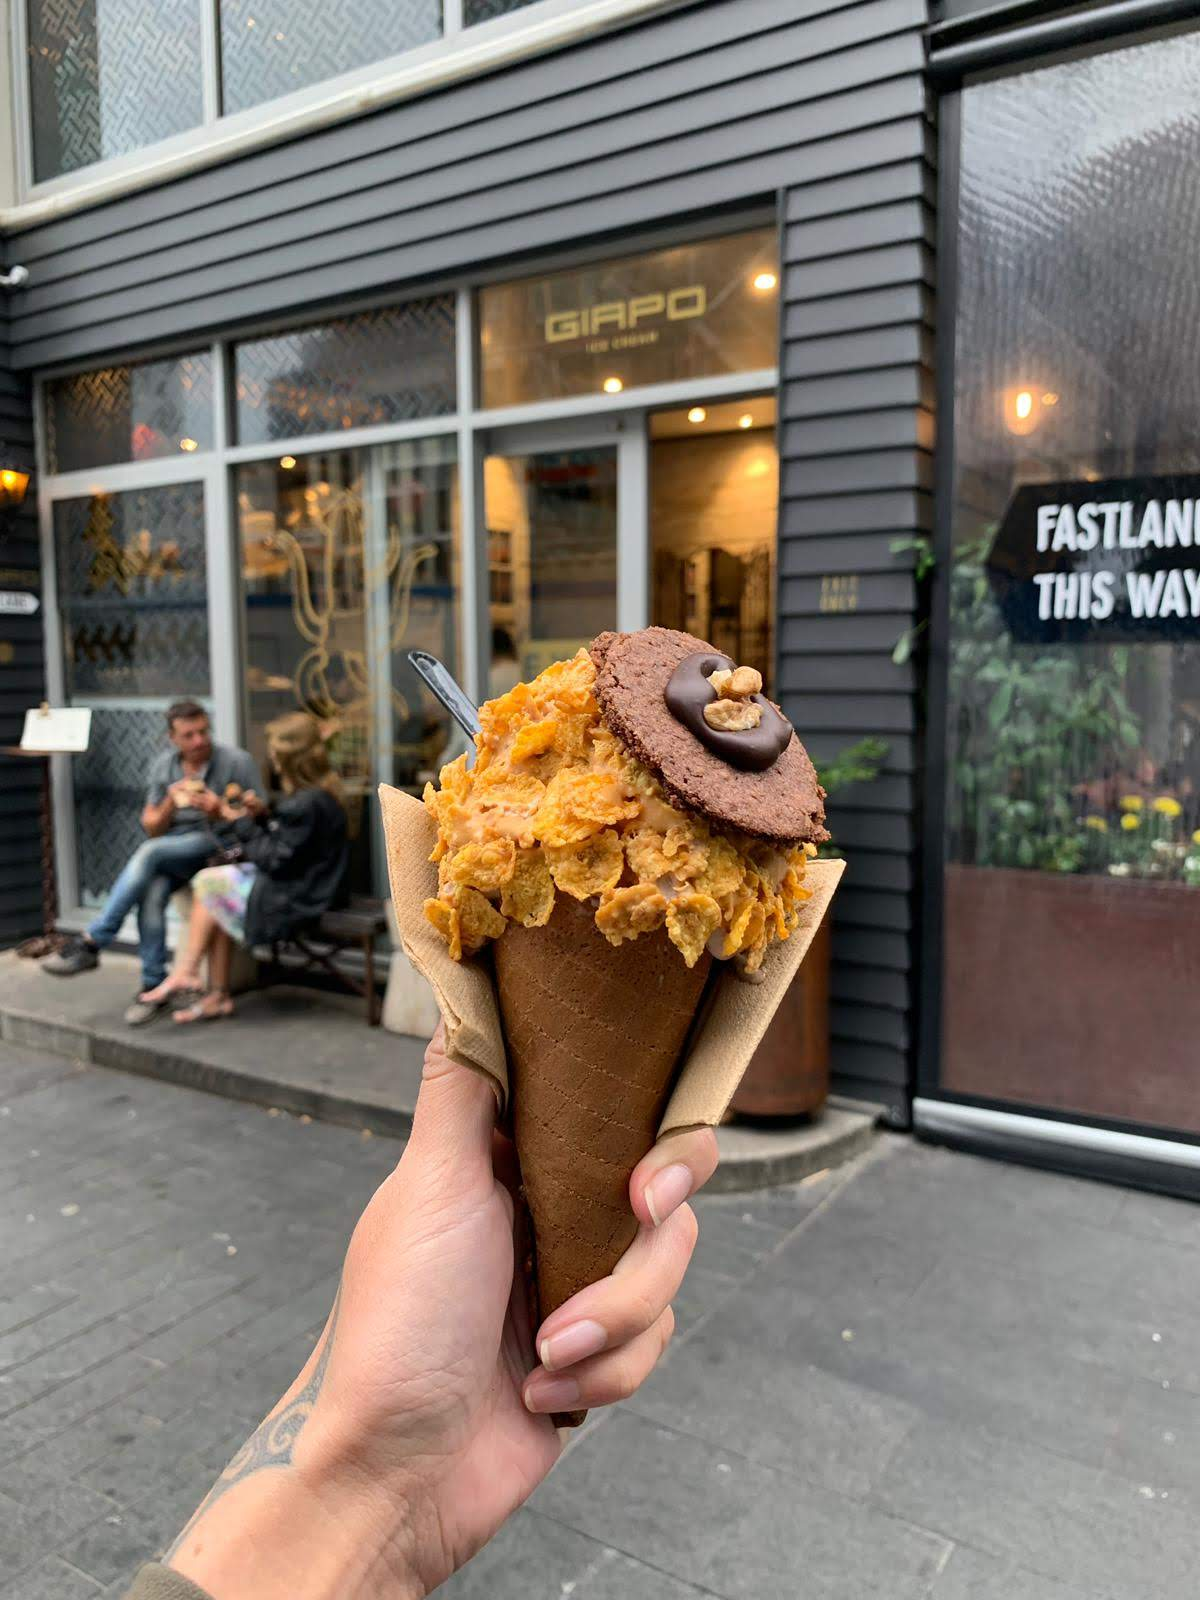 giapo icecream auckland